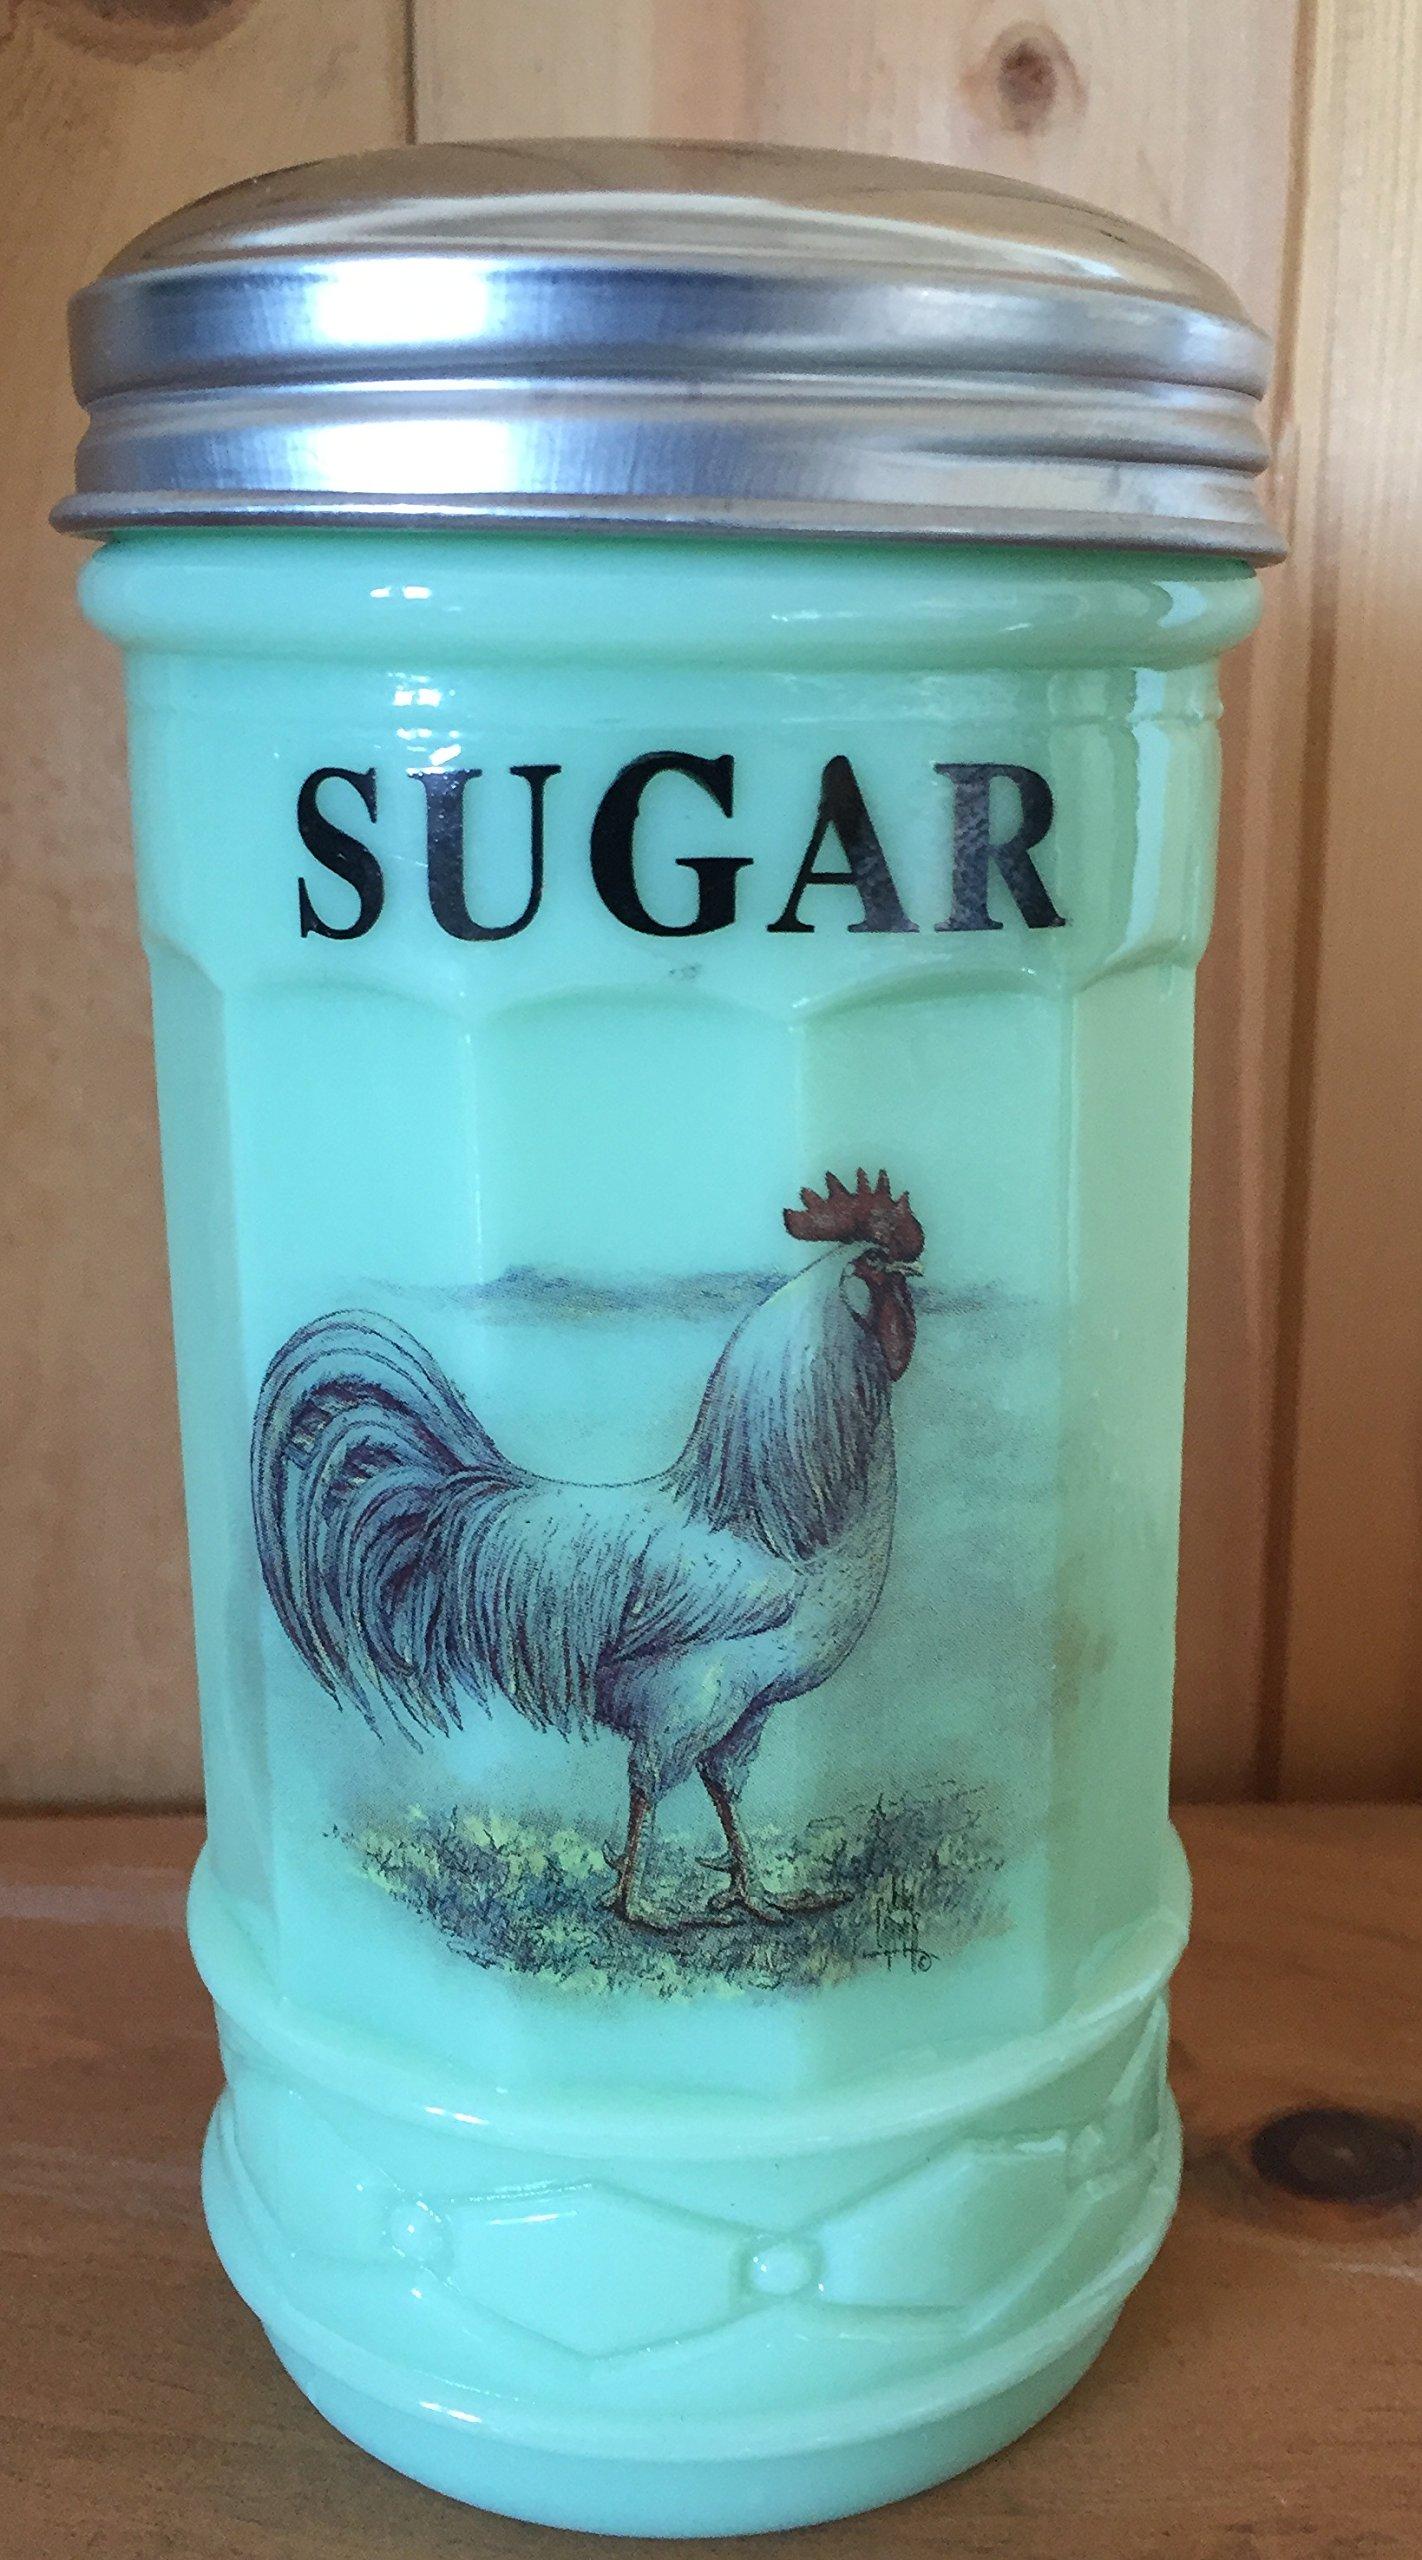 Jade Jadeite Green Glass Restaurant Style Sugar Shaker Dispenser - White Leghorn Chicken Rooster